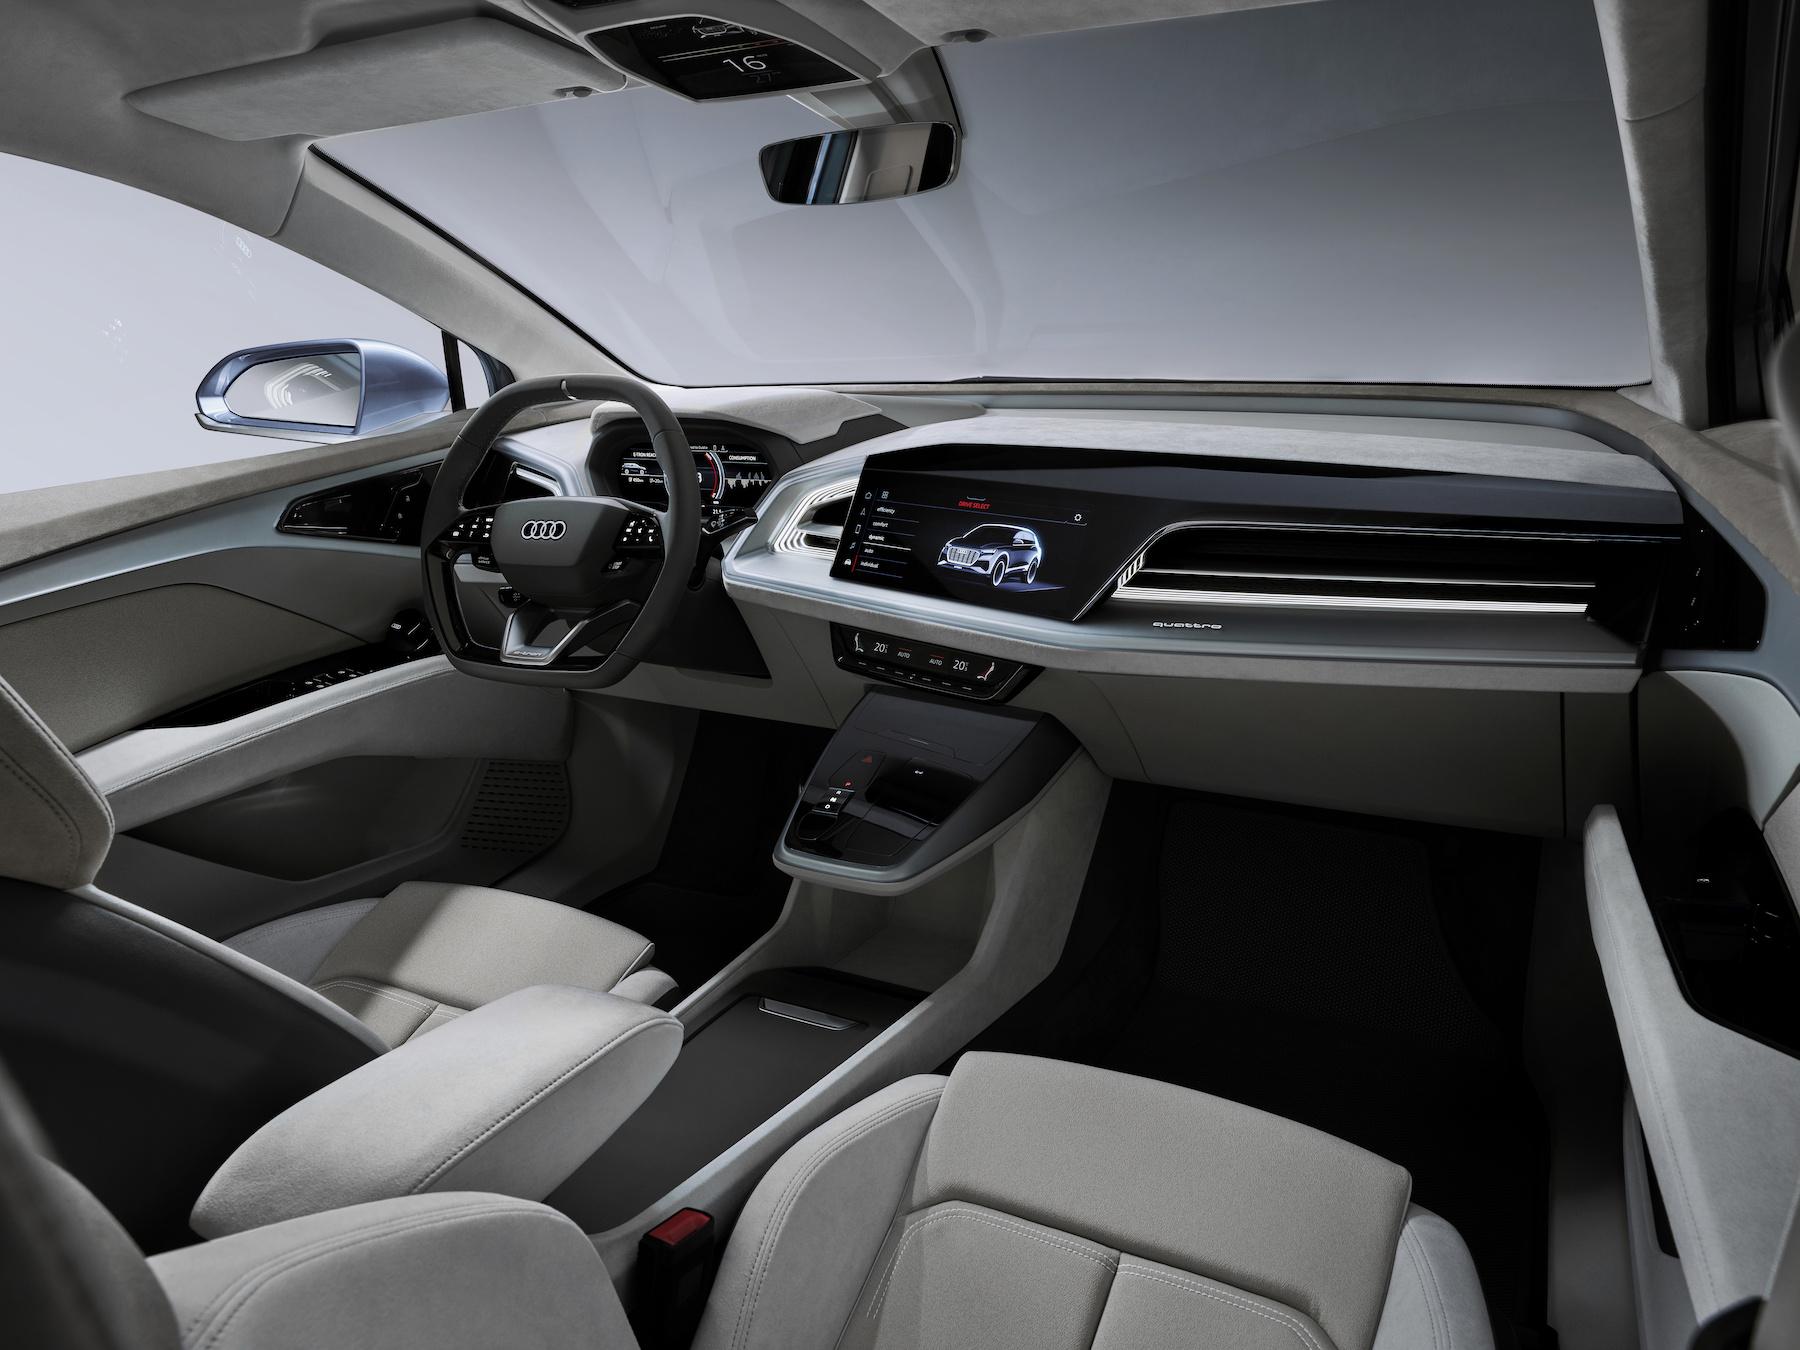 Compatto all'esterno, spazioso all'interno: nell'Audi Q4 e-tron concept, conducente e passeggeri si sentiranno a loro agio. (AUDI)